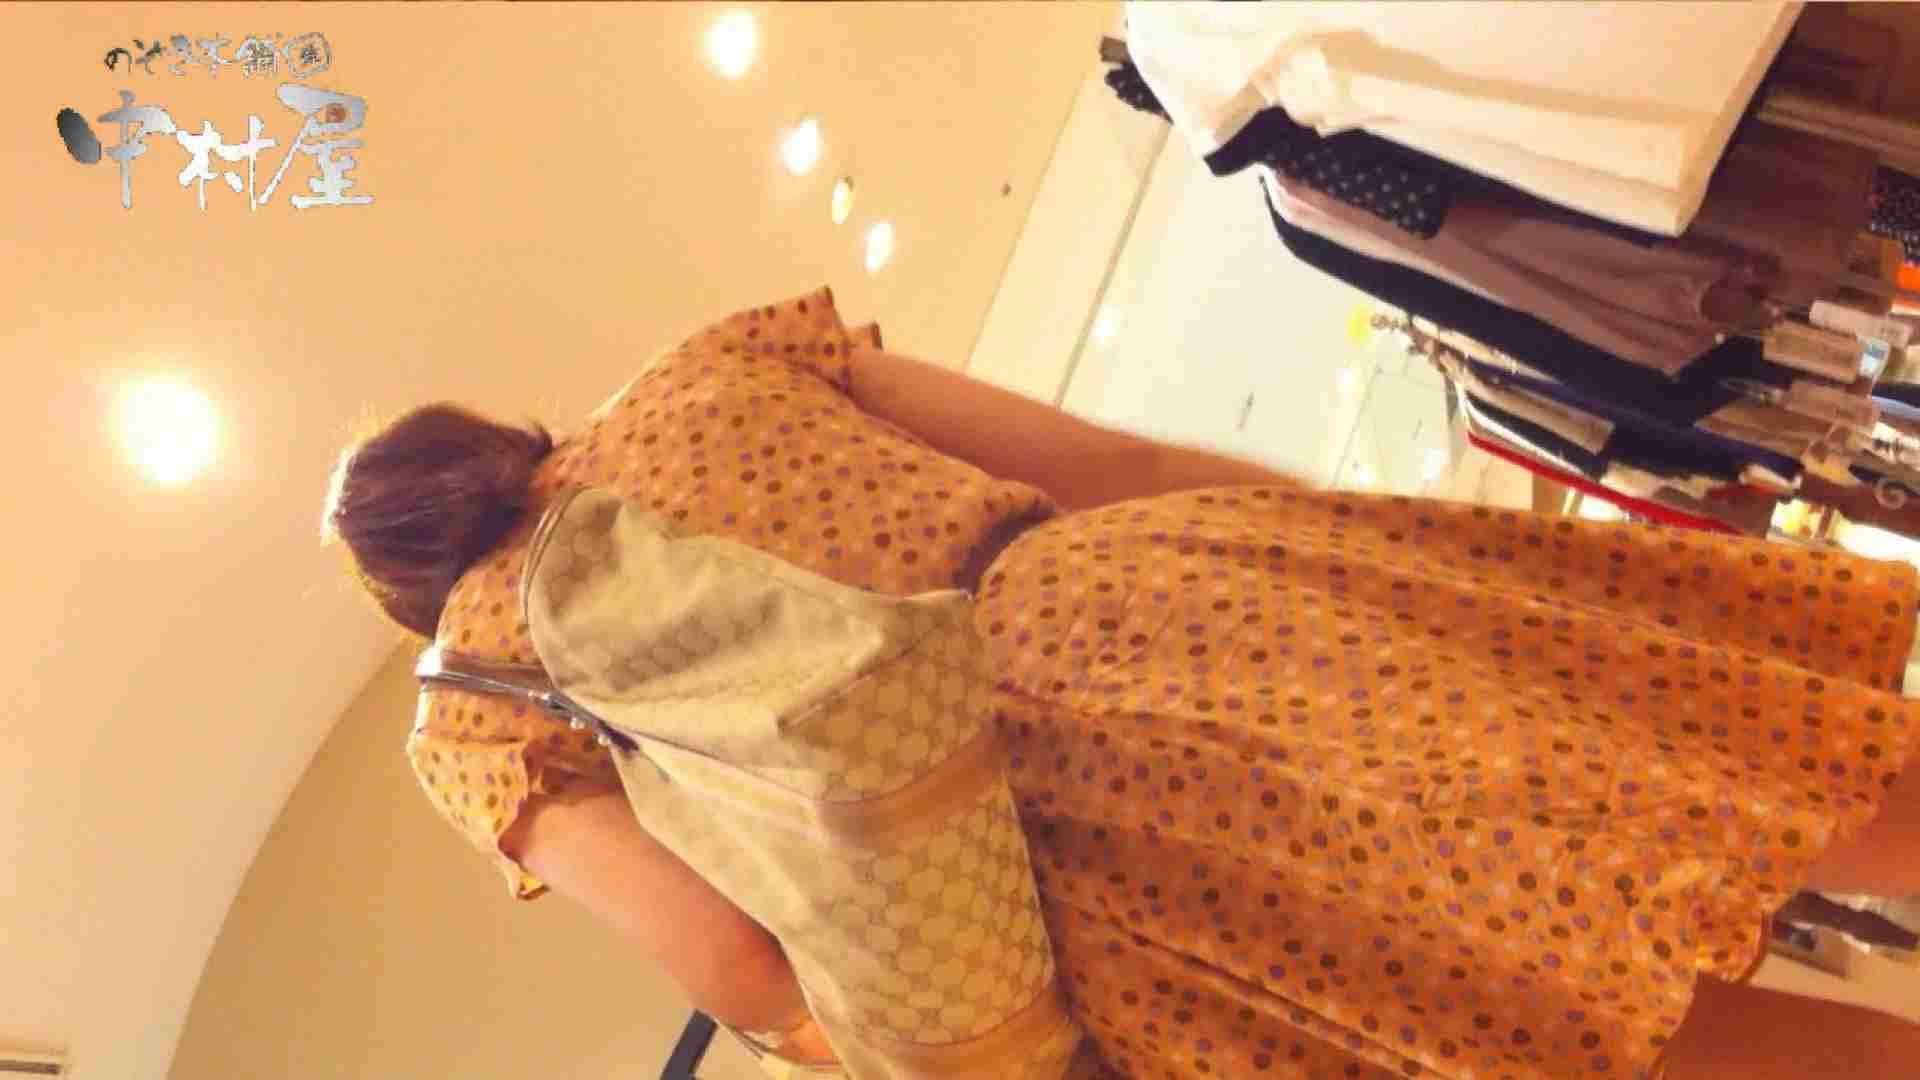 vol.57 美人アパレル胸チラ&パンチラ 激カワ店員のおっぱい 接写 おまんこ動画流出 99pic 64